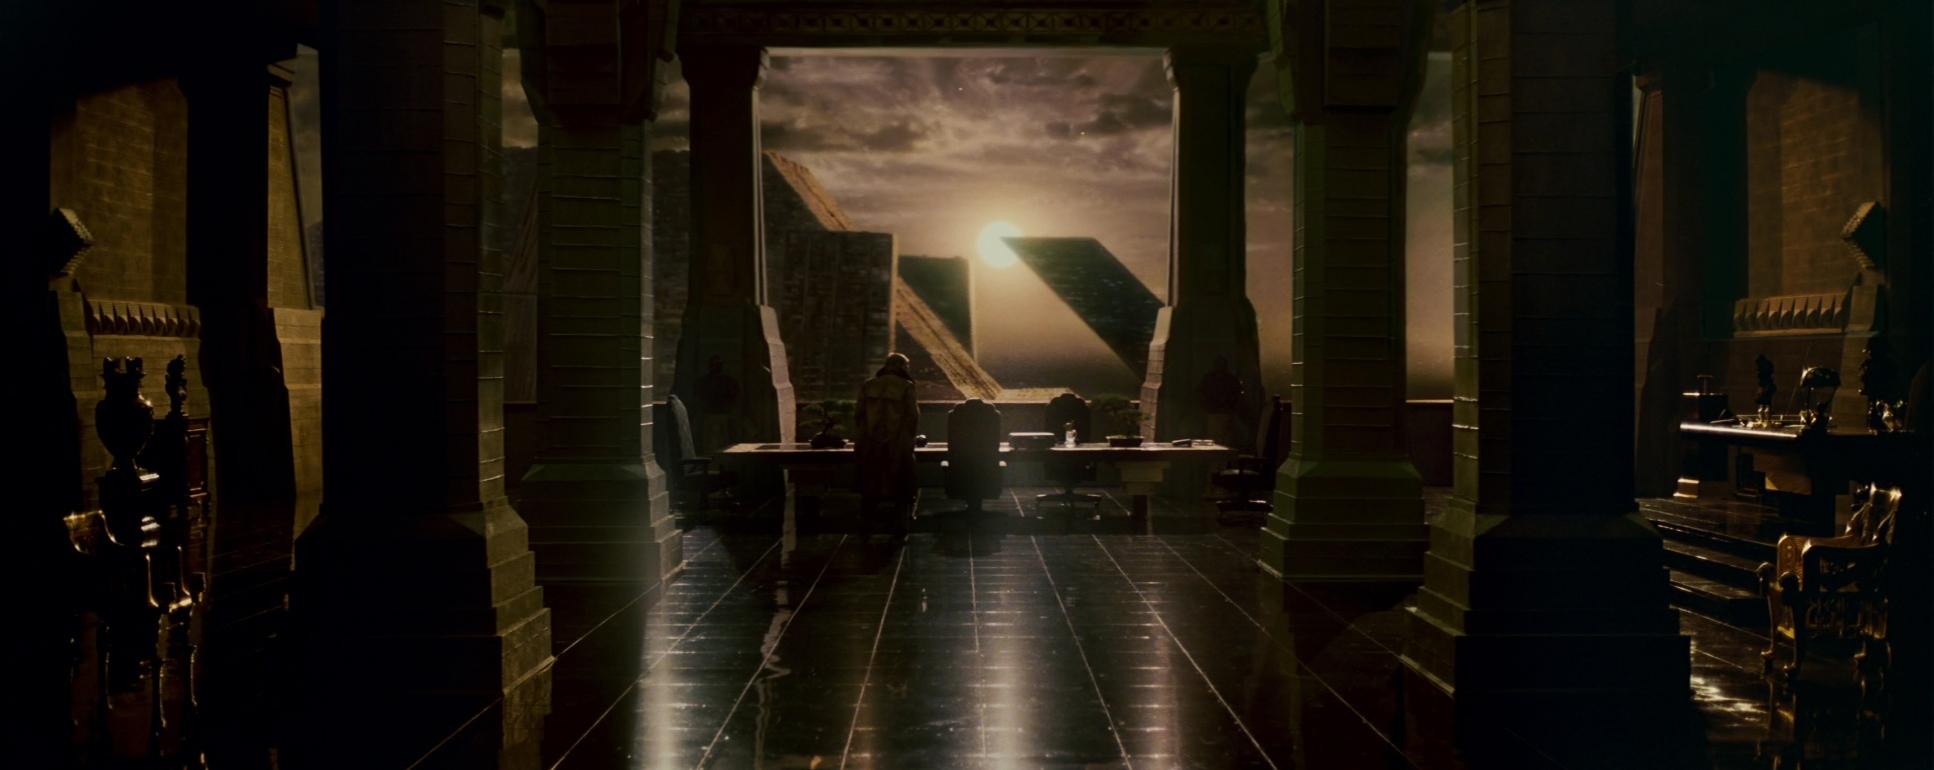 A still from  Blade Runner.